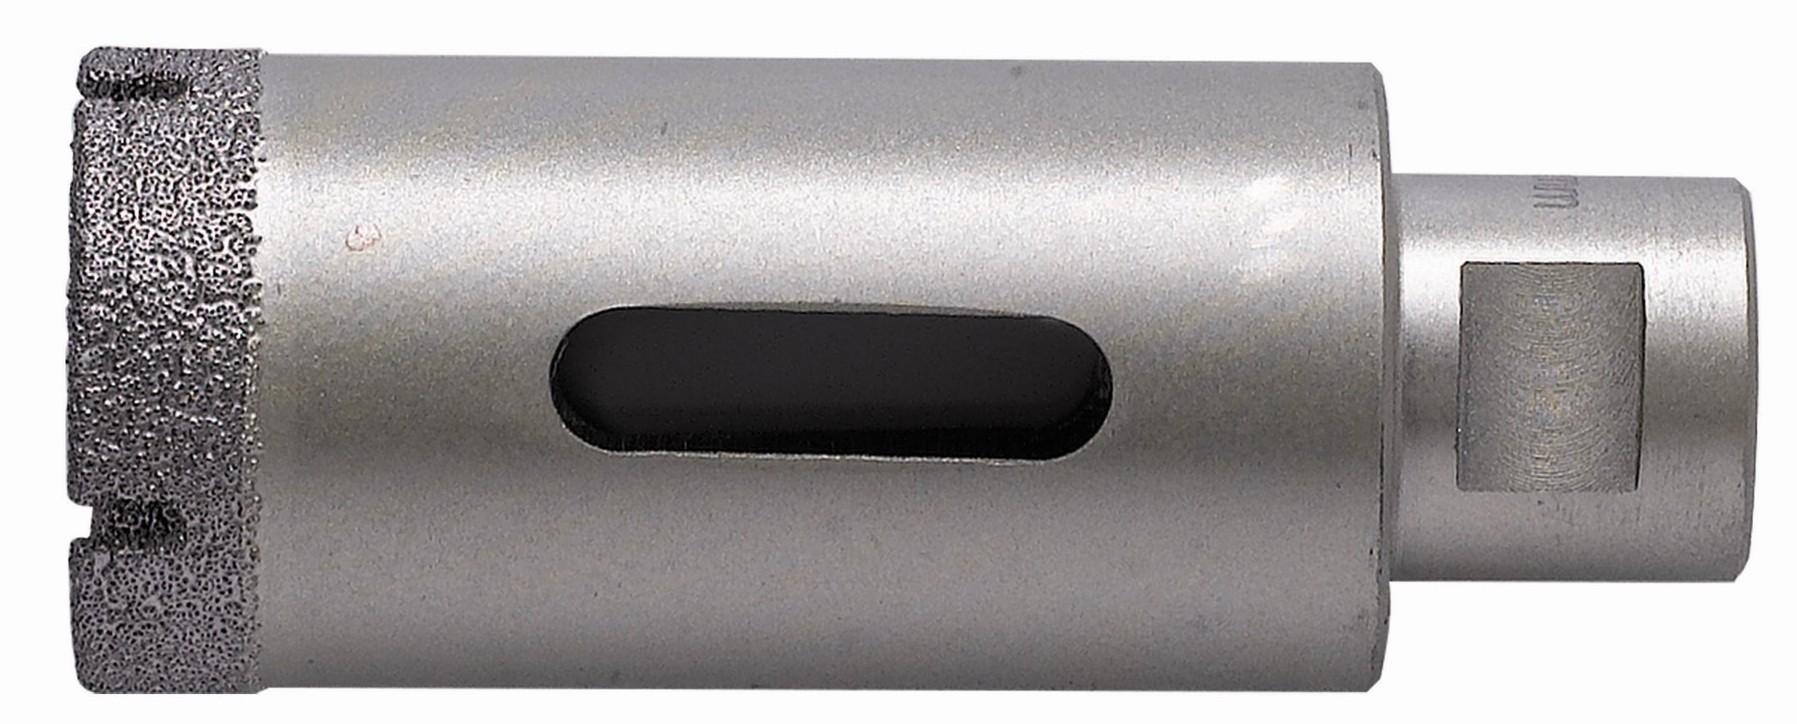 Forare piastrelle cheap ddbh at corona diamantata premium per la foratura di piastrelle con - Bucare piastrelle bagno ...